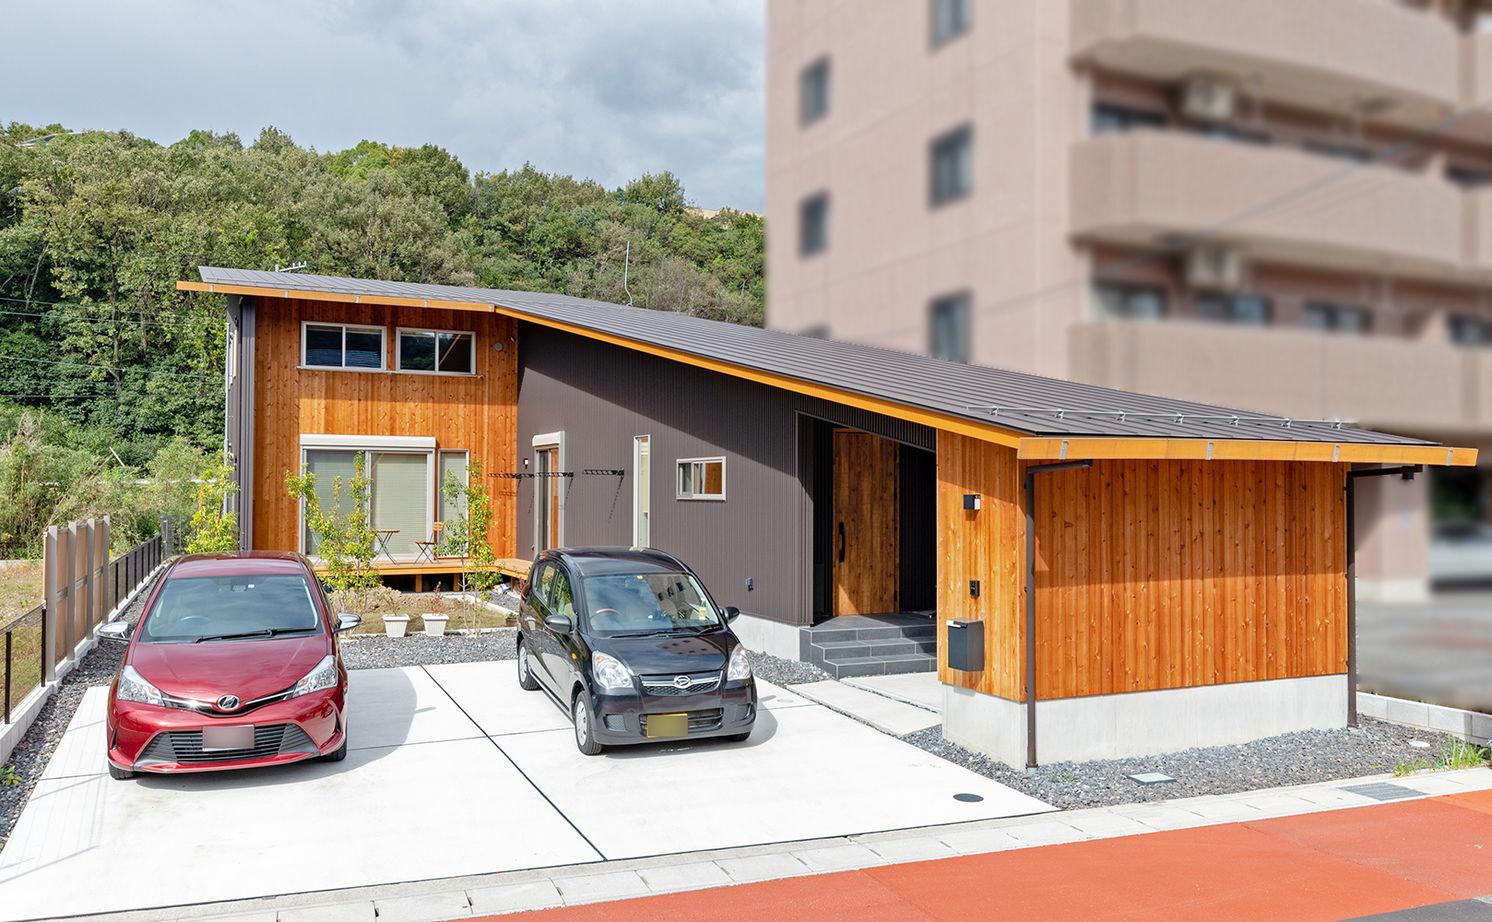 【2000万円台/間取り図有】27m長屋根の二世帯住宅。家族との距離感を保つ平屋風和モダンの家画像2